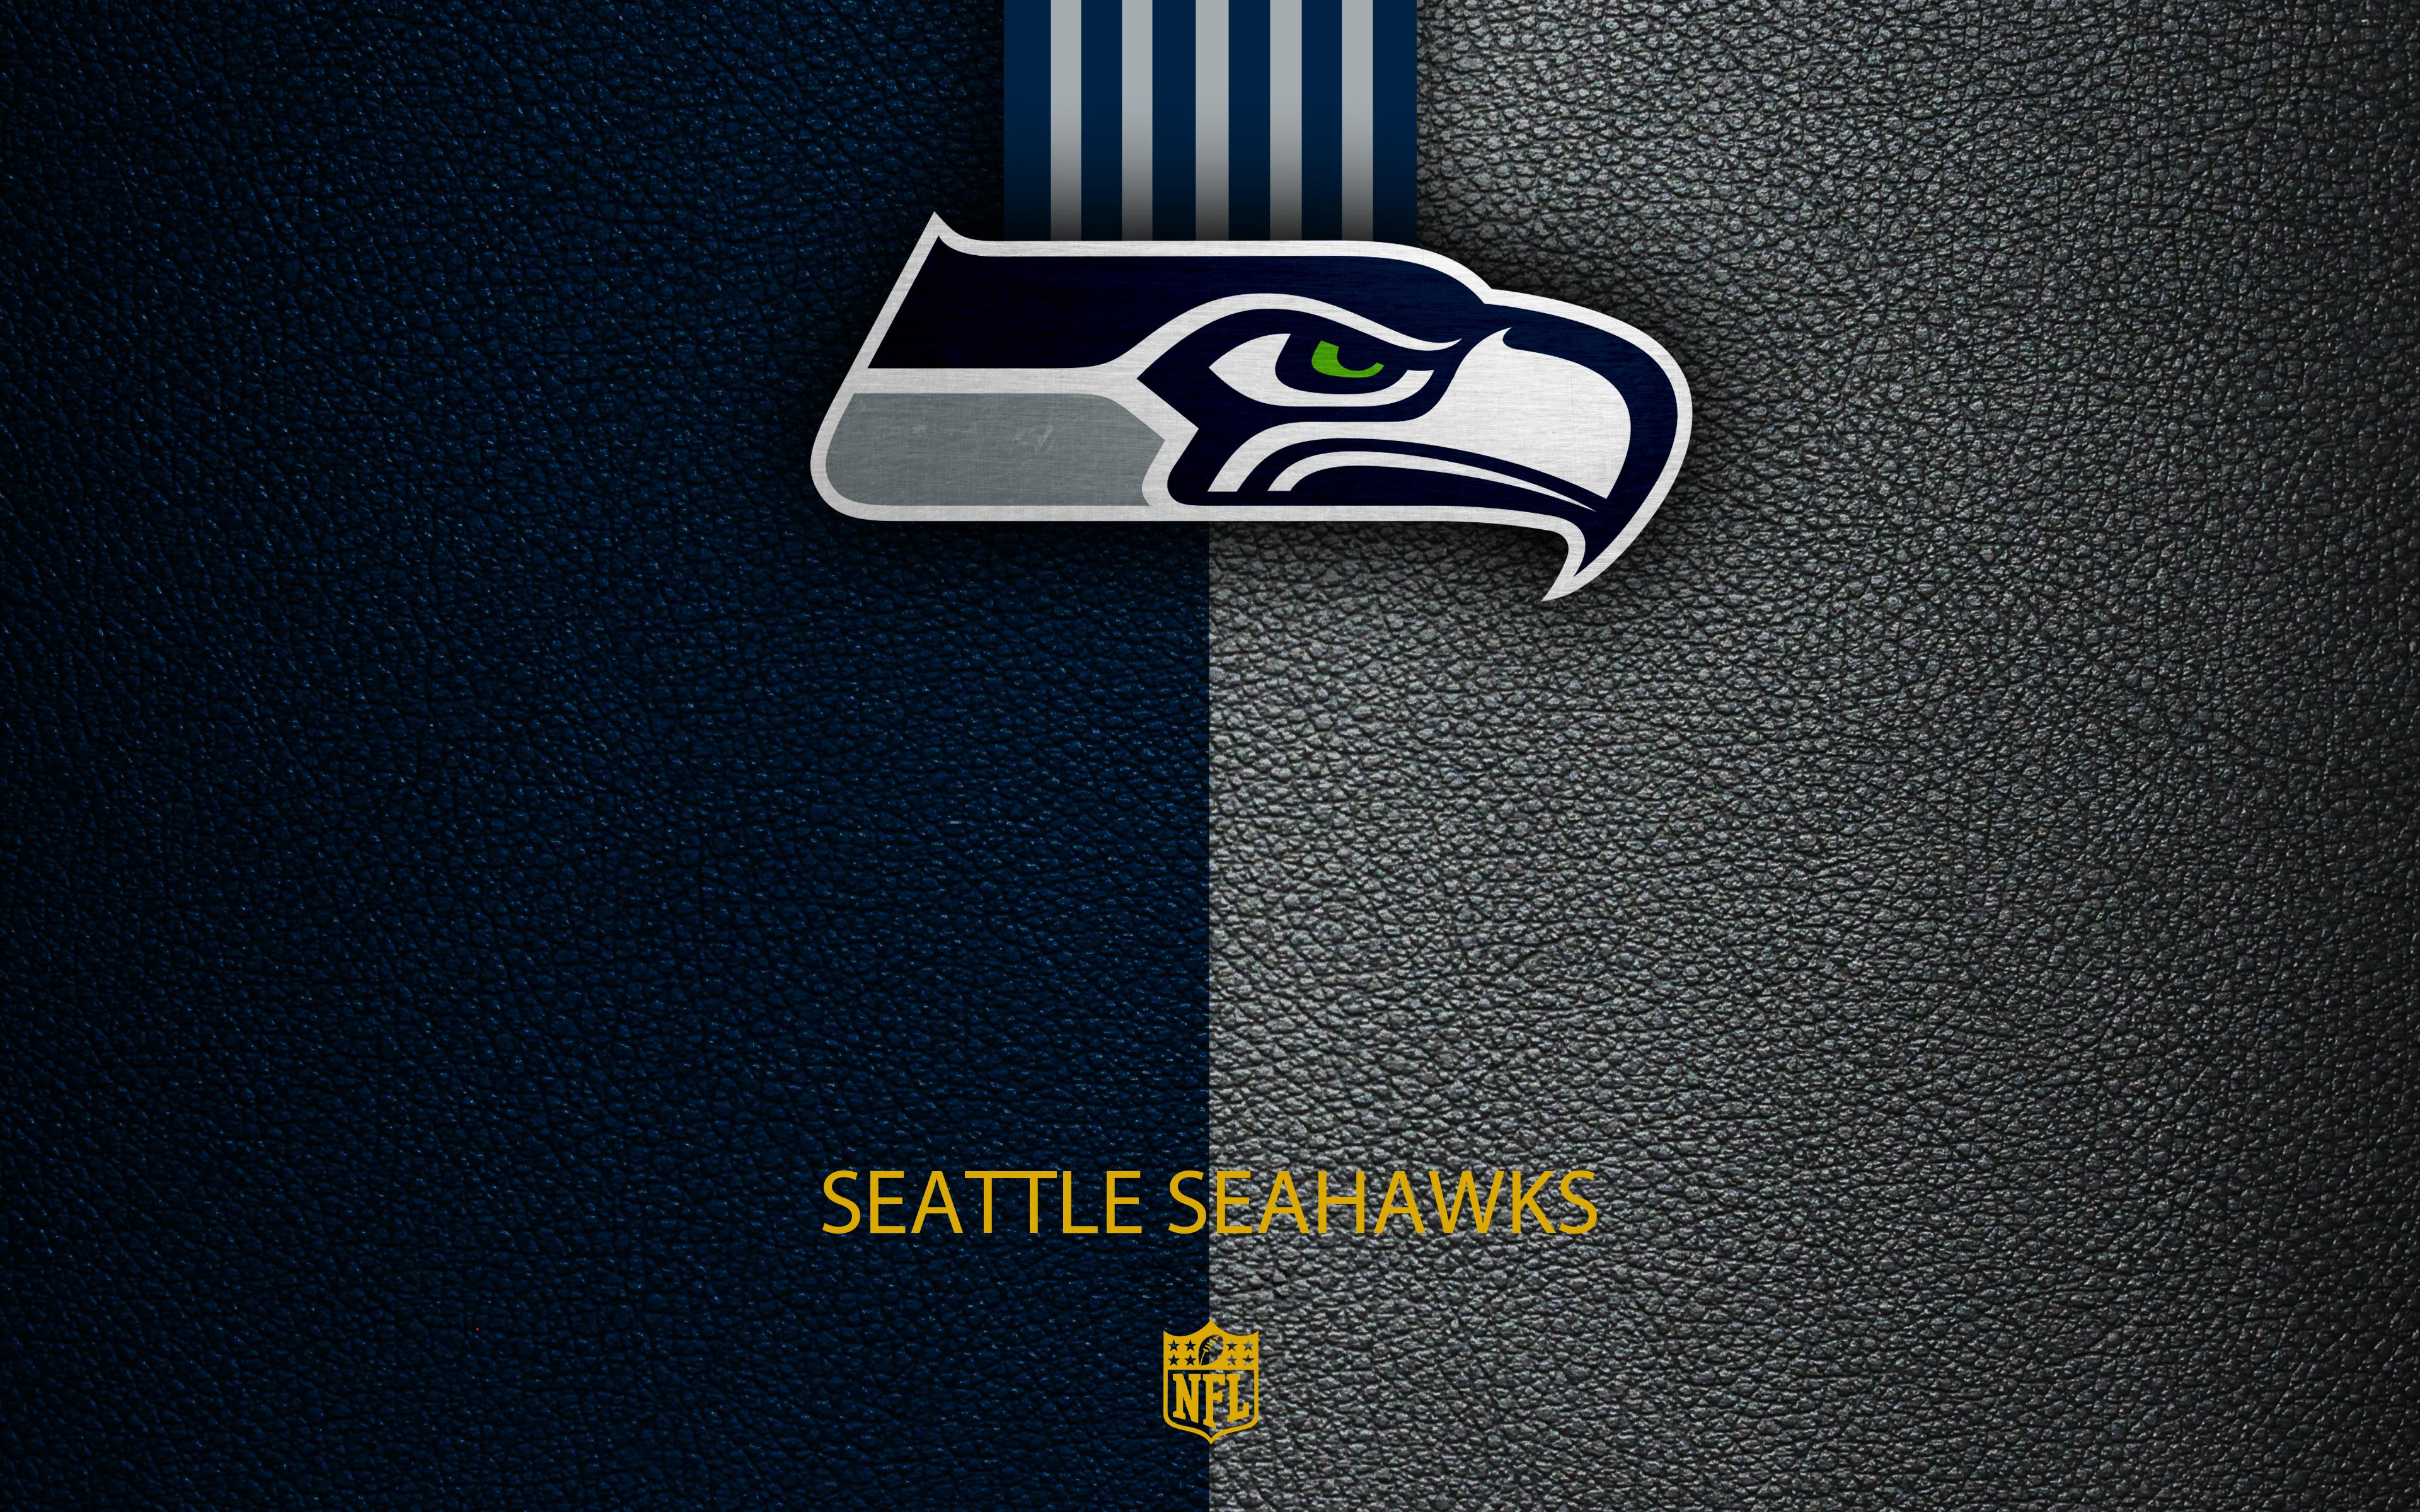 Seattle Seahawks 4k Ultra Hd Wallpaper Background Image 3840x2400 Id 988628 Wallpaper Abyss